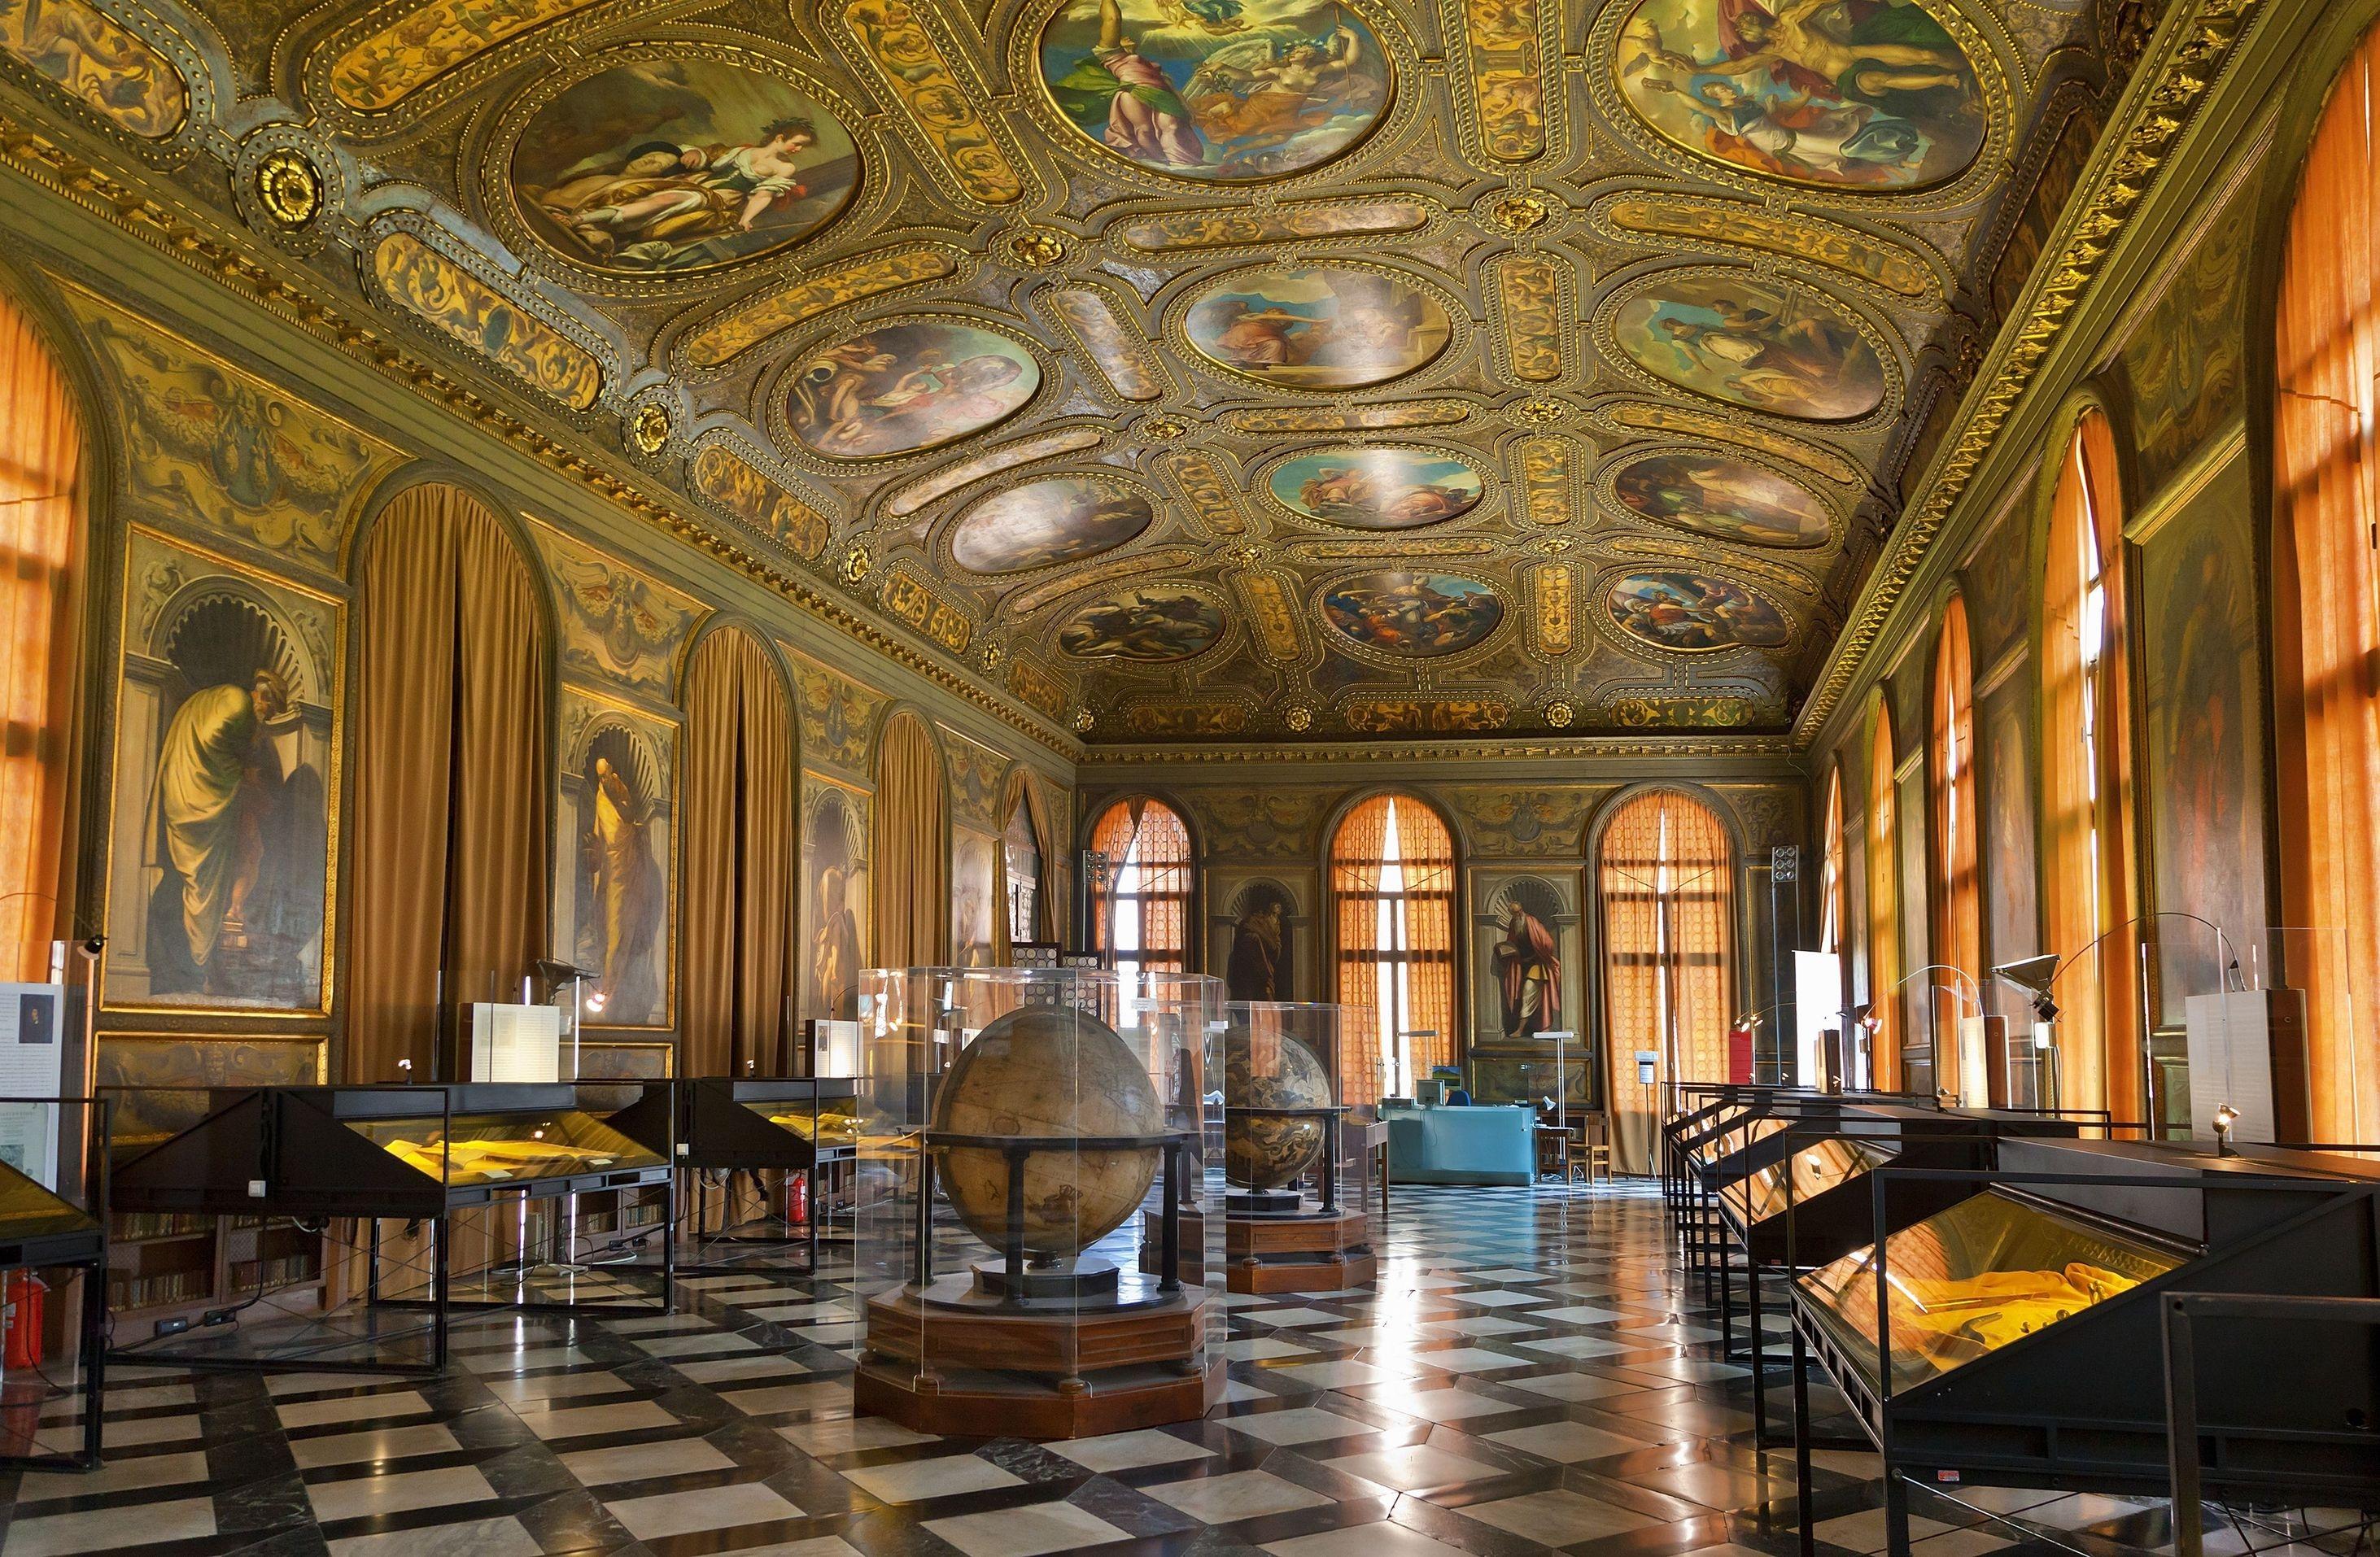 ايطاليا فينيسيا اهم الاماكن السياحيه متحف كورير